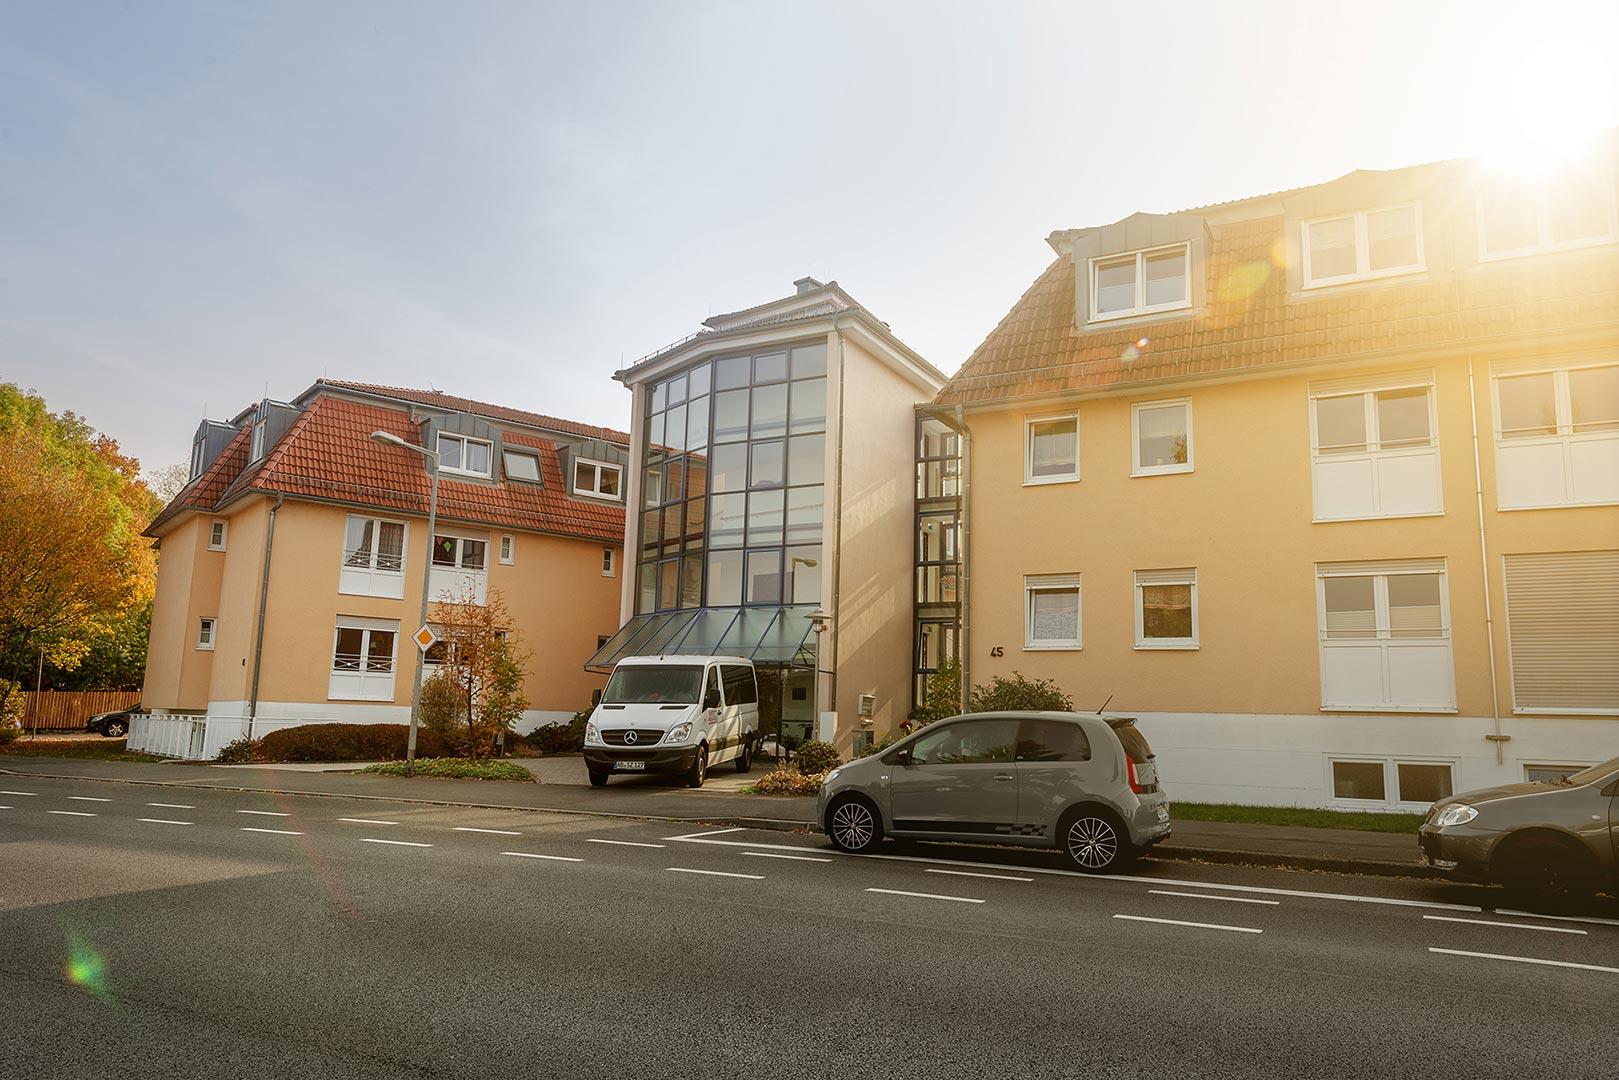 LHWS – Standort Gemeinschaftliches Wohnen Spessartstraße